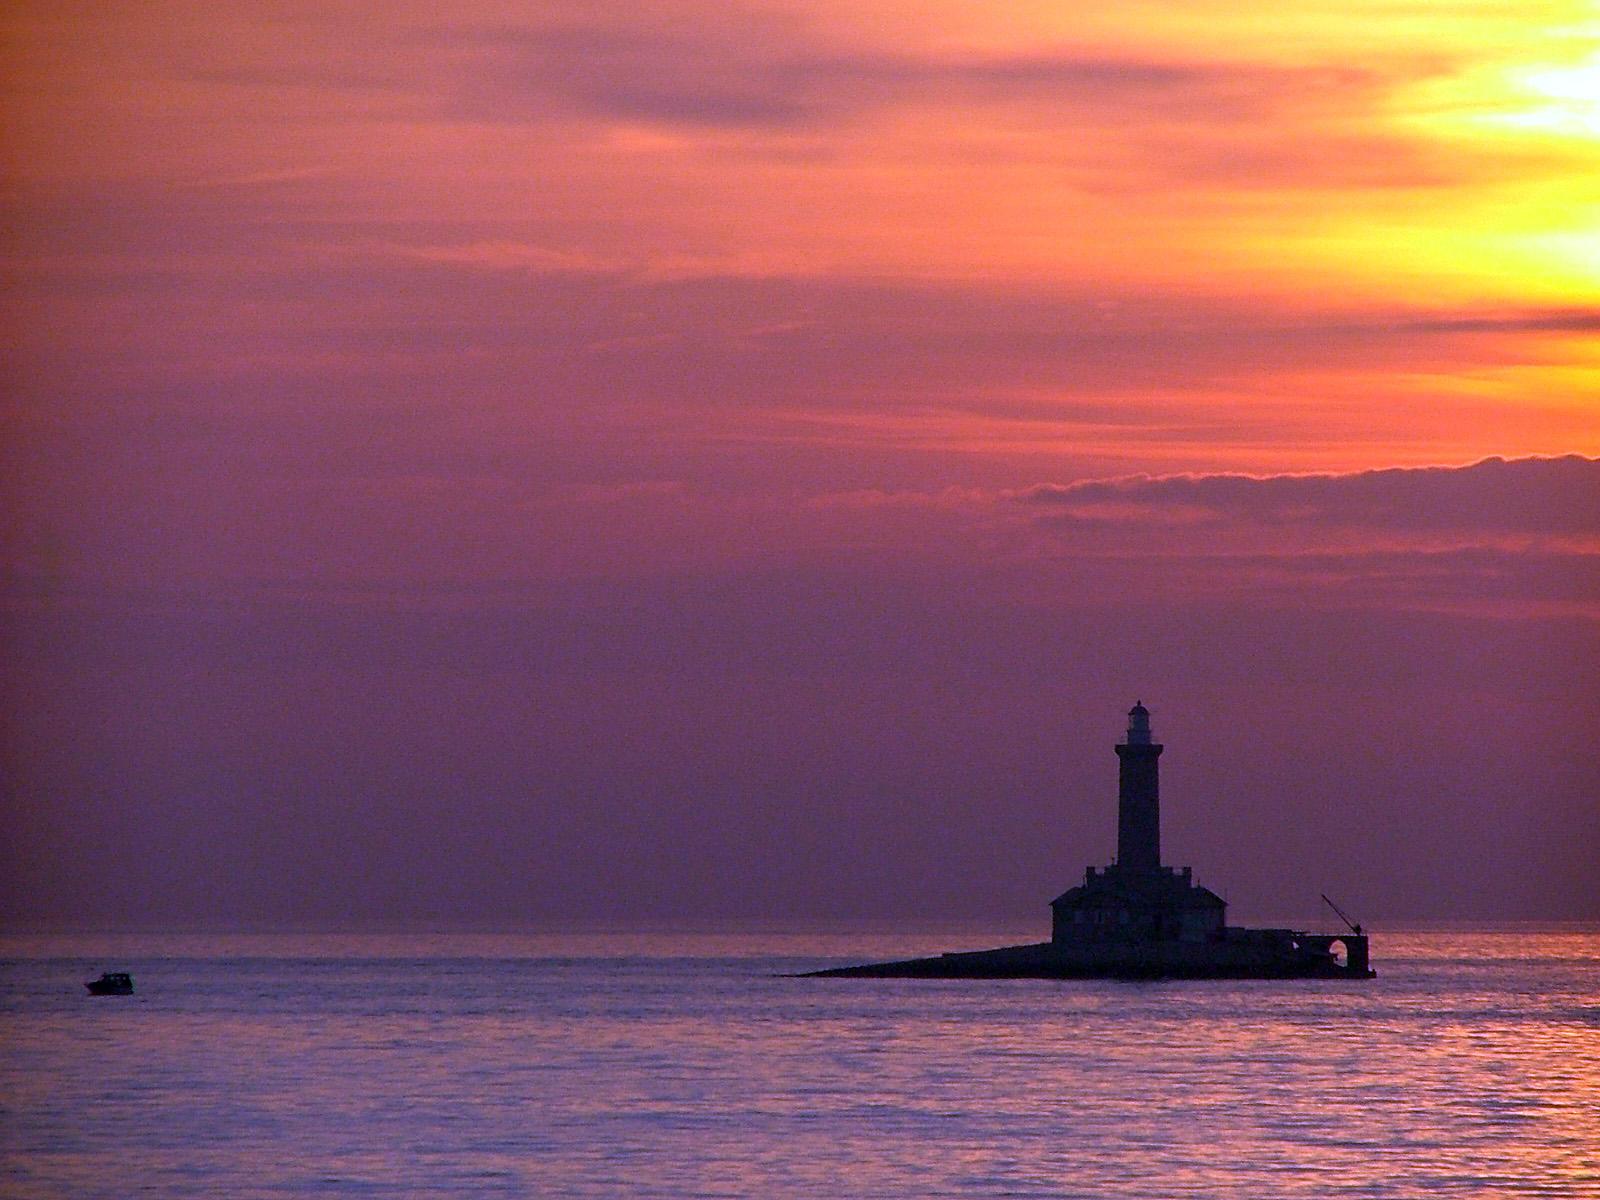 Sunset & Porer